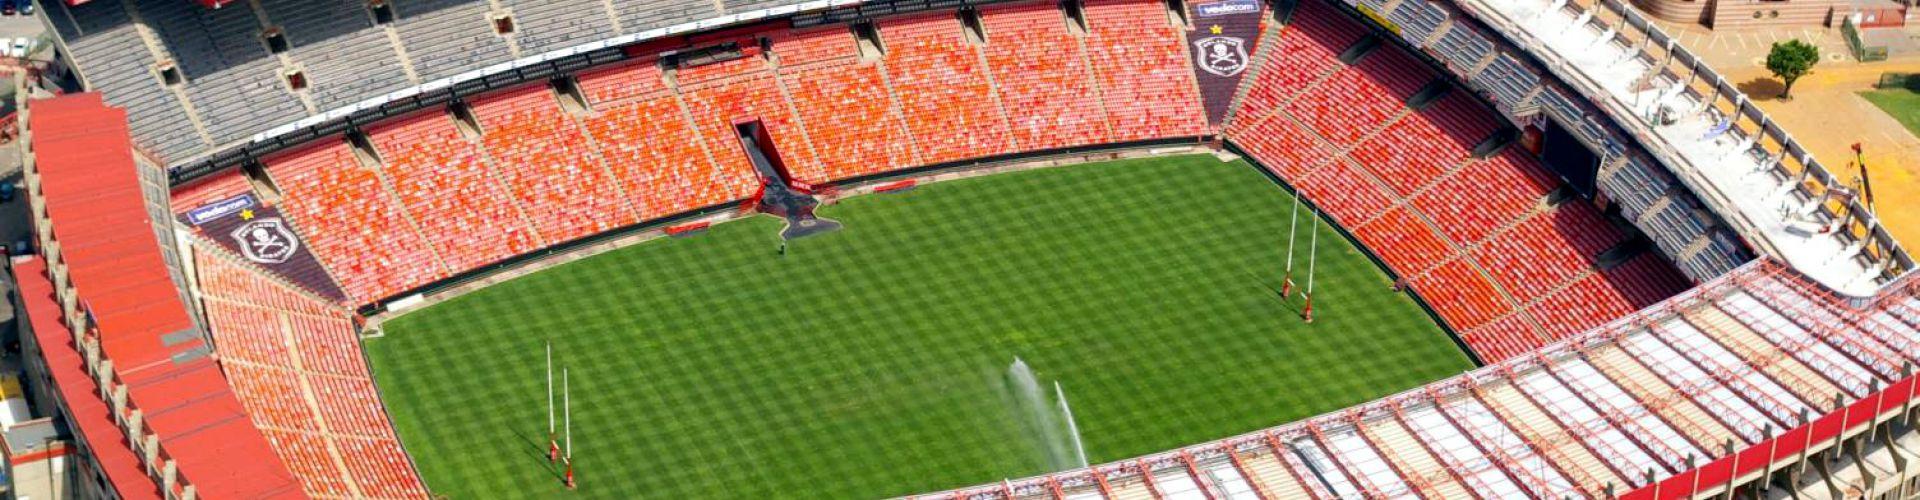 Ellis Park Emirates Airline Stadium Sports